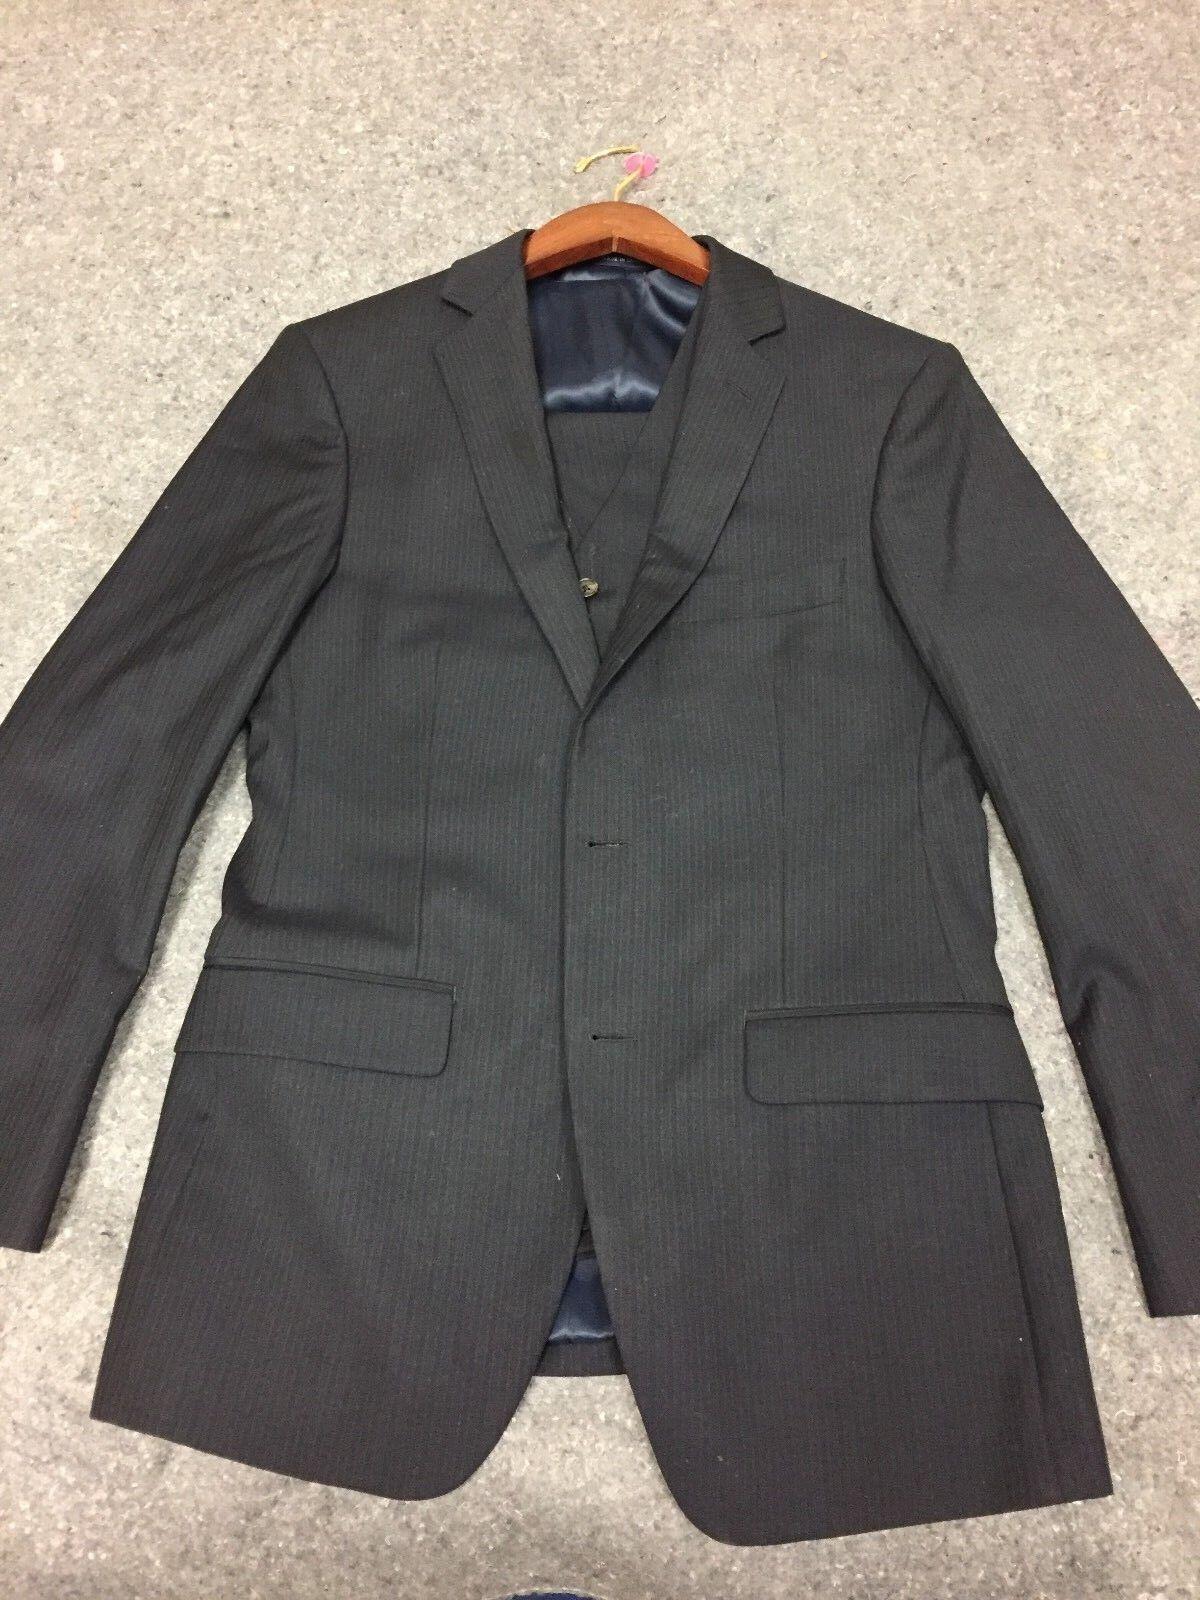 Ralph Lauren Suit Uomo Navy blu blu Navy Striped Wool Size 36 Short 29 Waist with Vest 1ebeb9